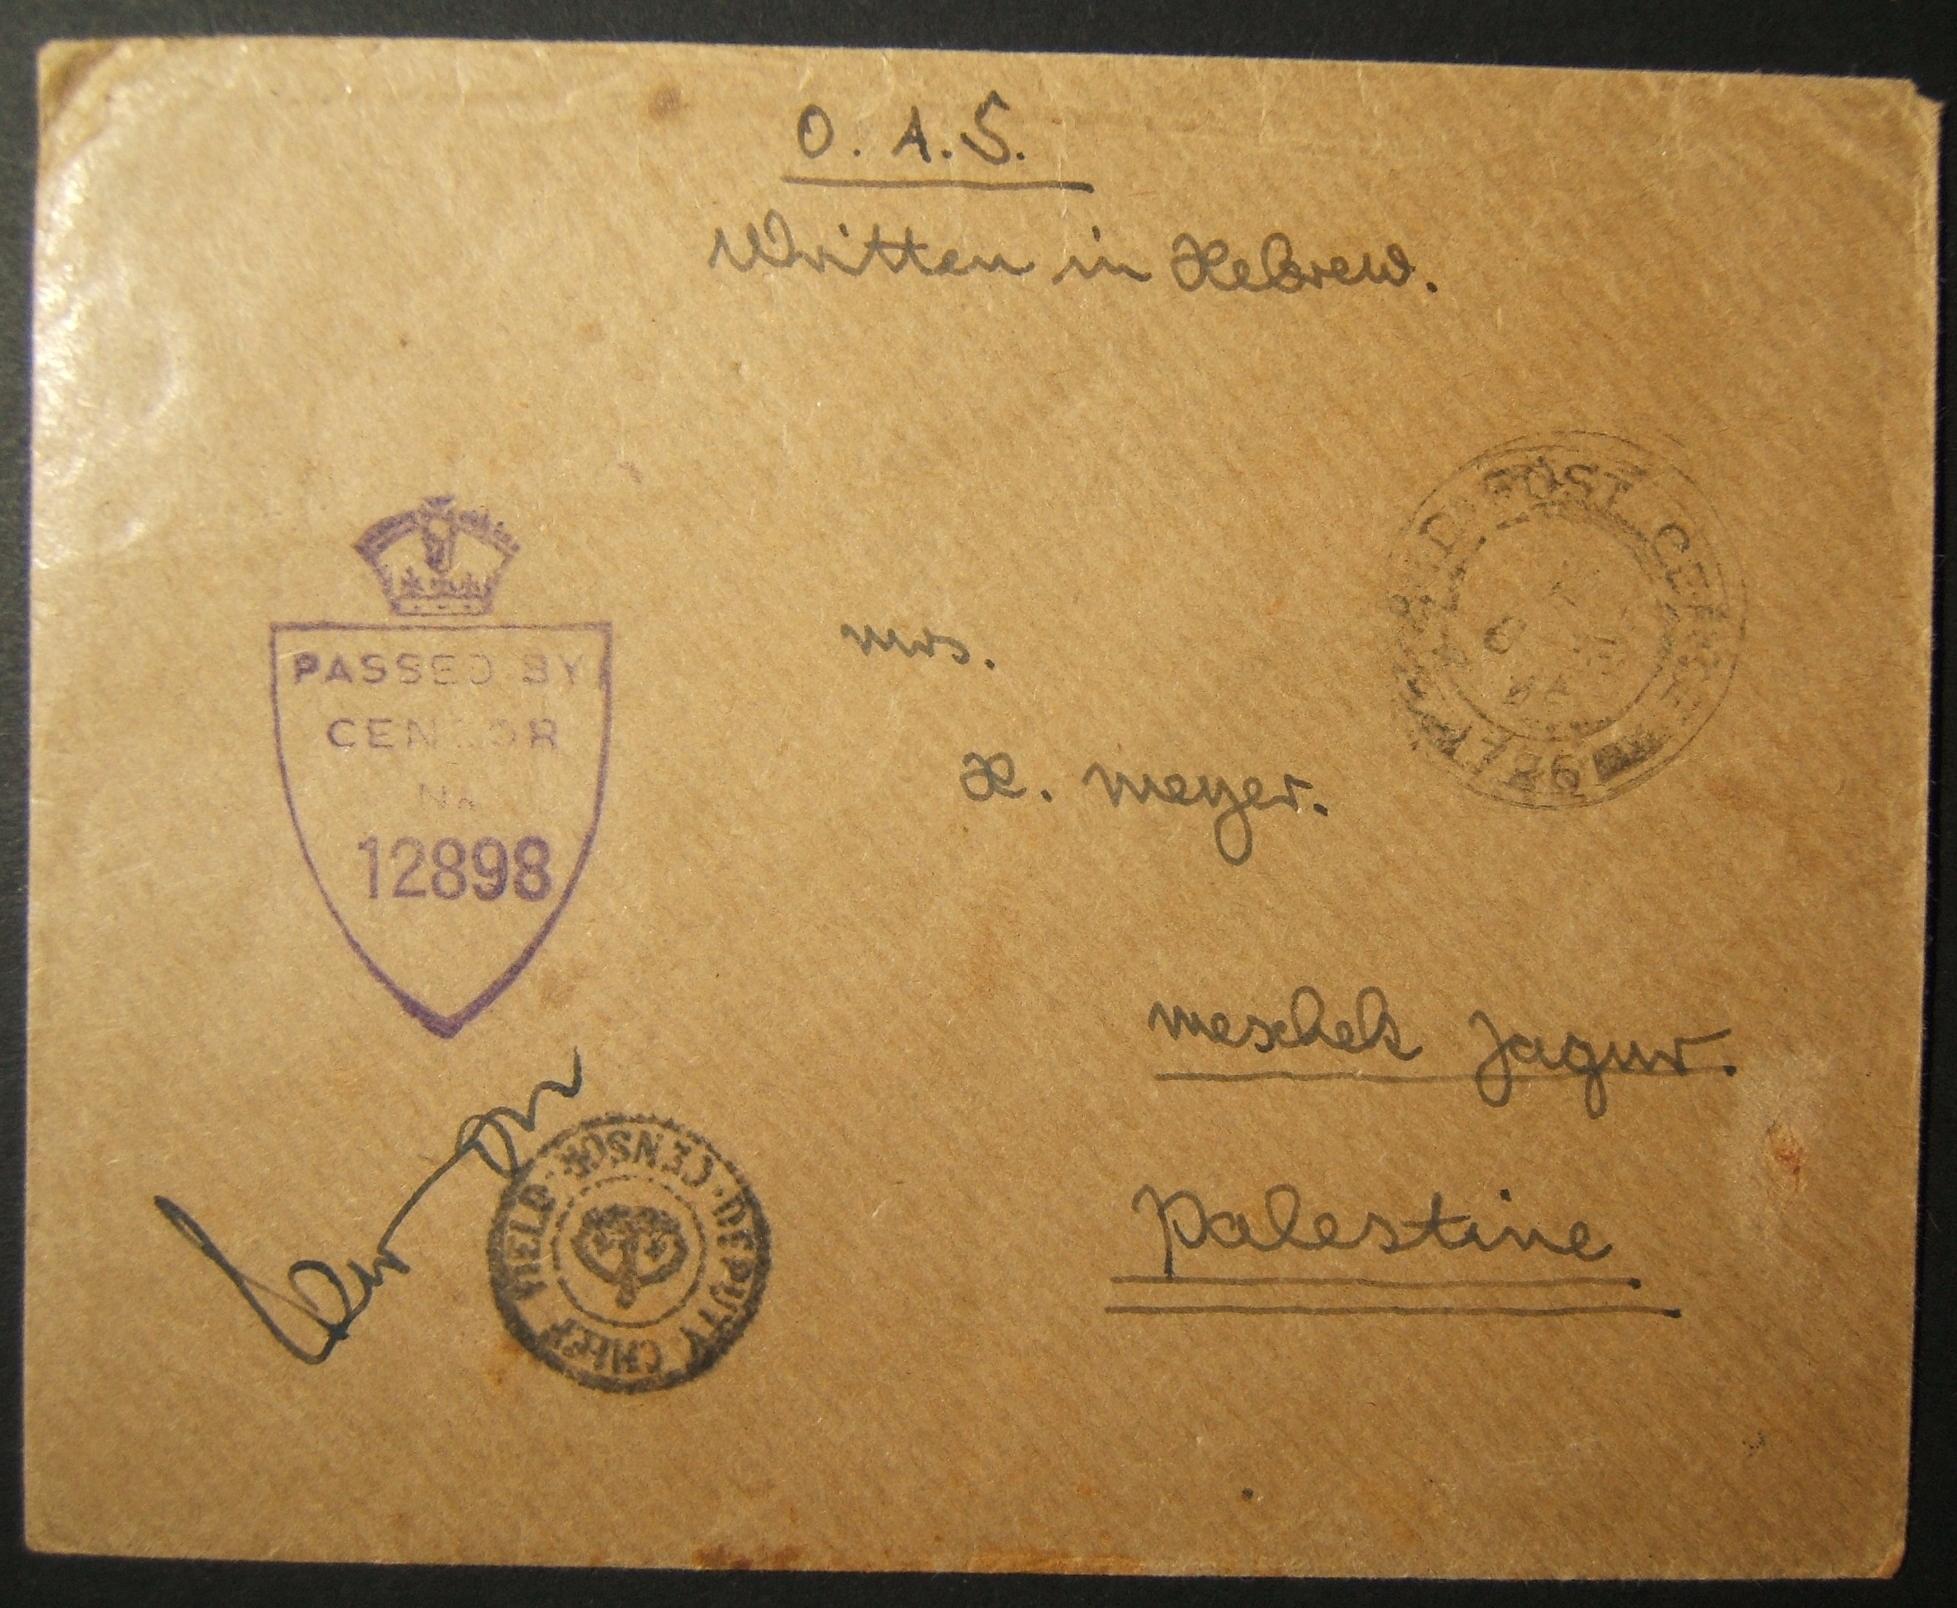 2/1945 מלחמת העולם השנייה דואר צבאי בריטי מבריטניה לארץ ישראל דרך מצרים; חותמת דואר נדירה